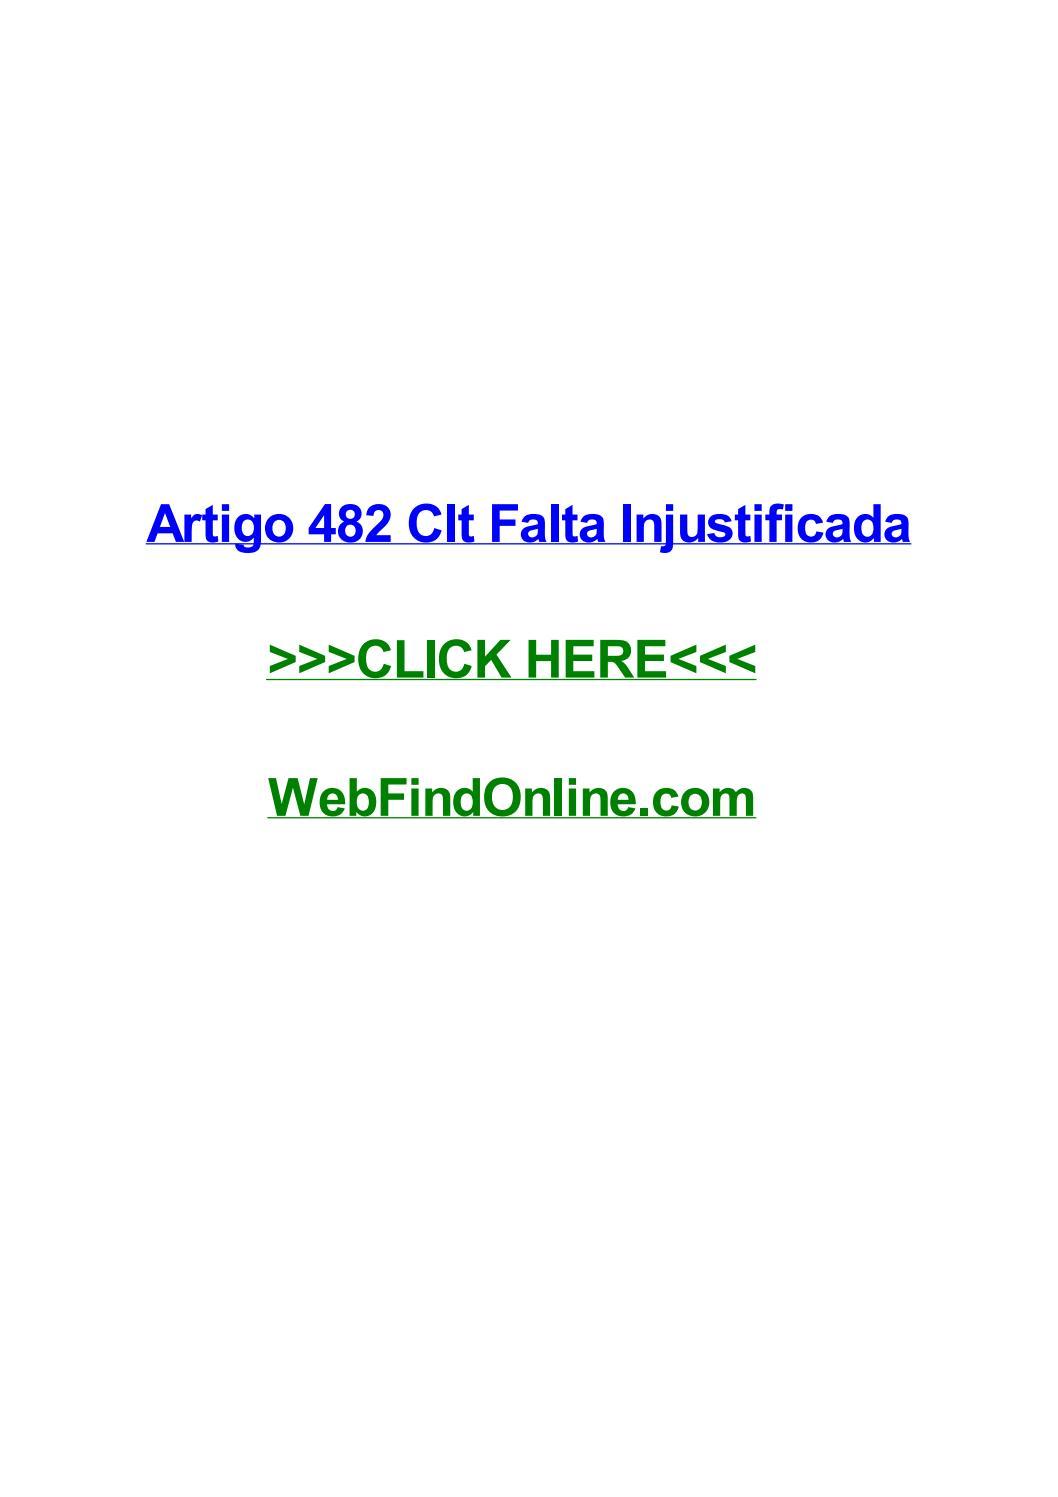 Artigo 482 Da Clt